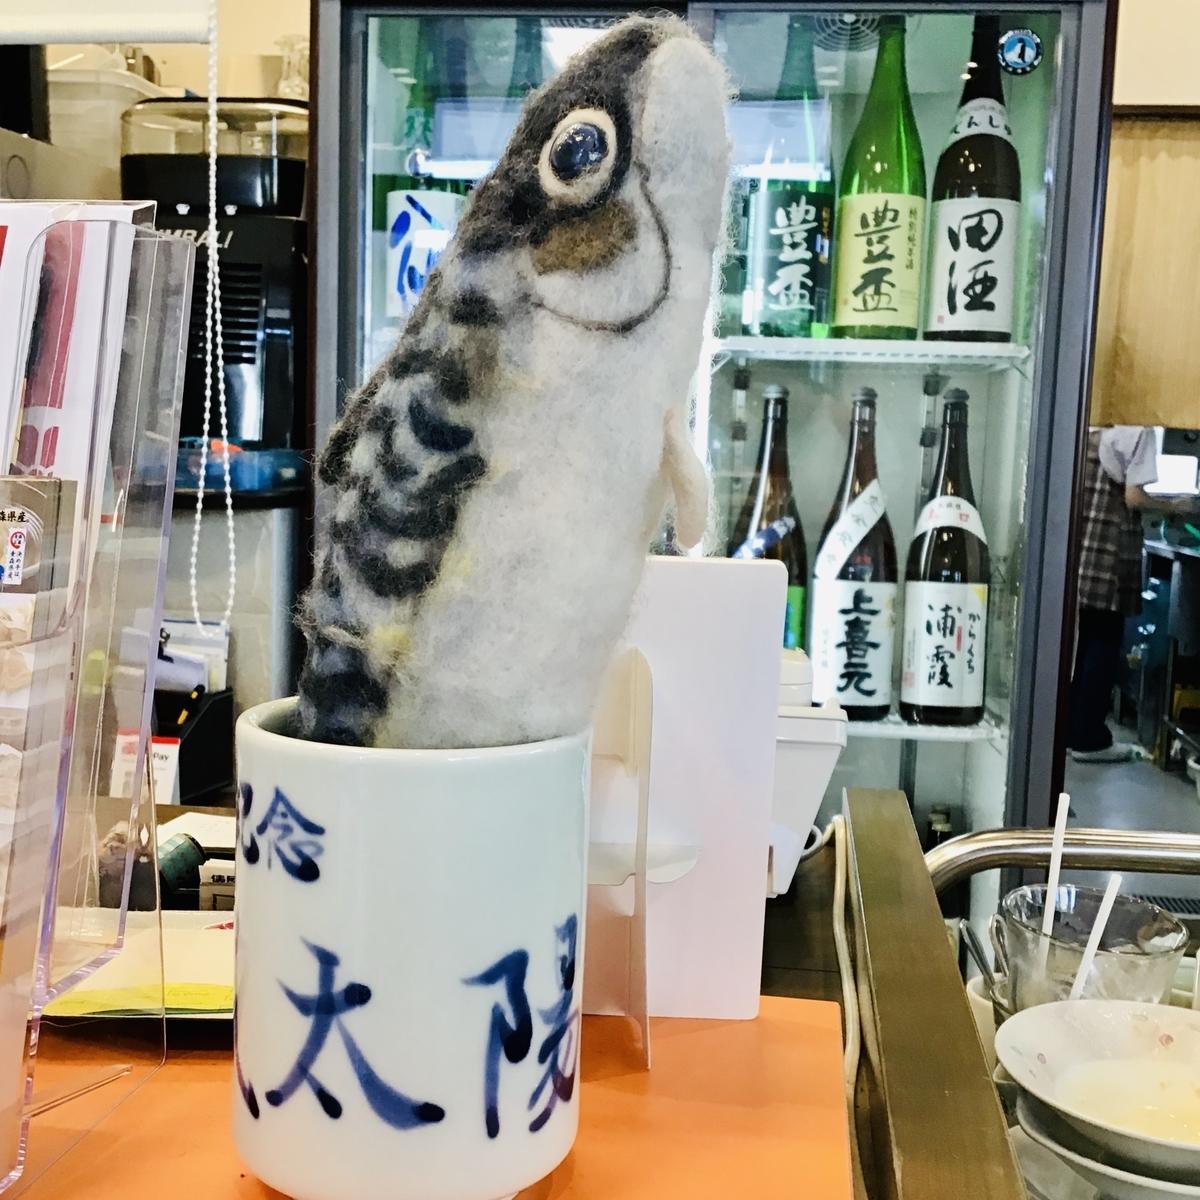 f:id:yumeusagiyukiusagi:20200819102041j:plain